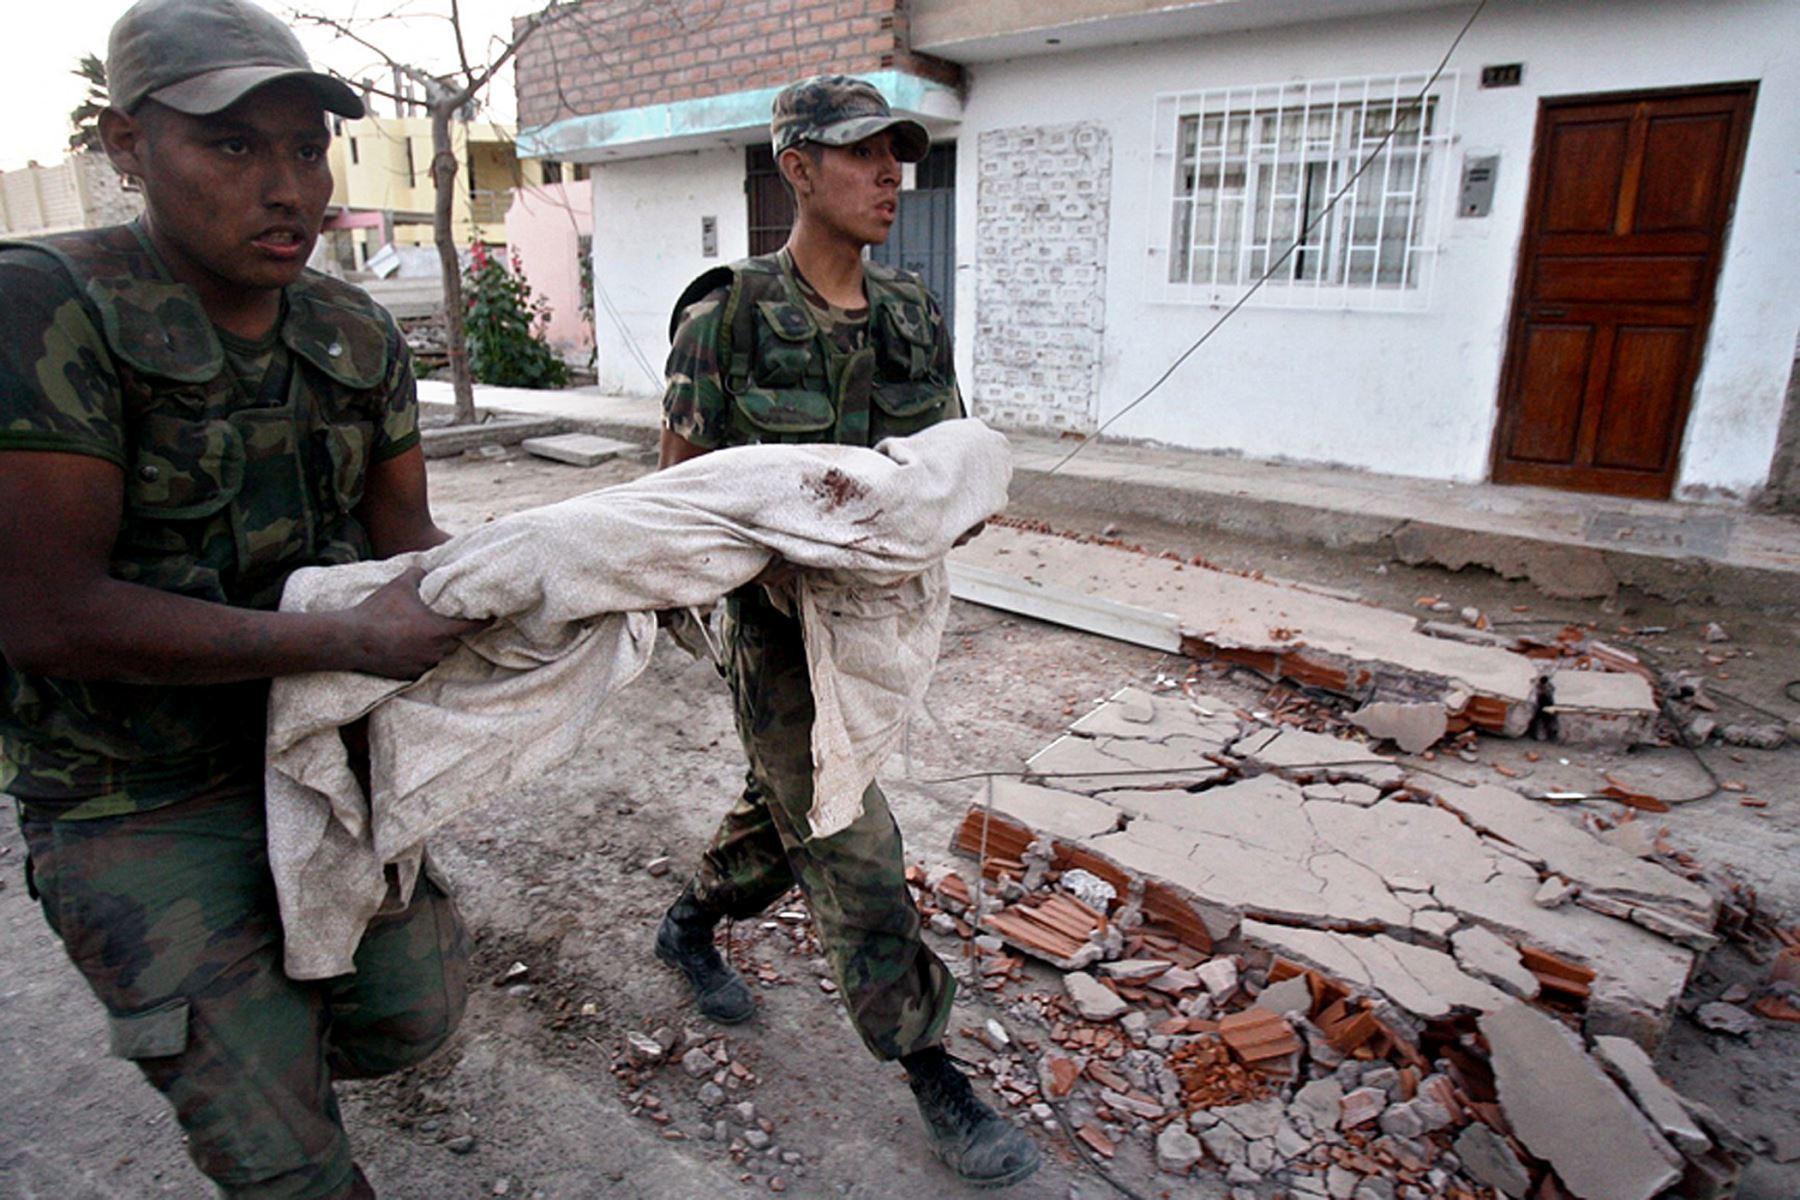 Fotografía tomada el 16 de agosto del 2007/ Soldados llevan el cadáver de un niño en Pisco, luego de que un terremoto de magnitud 7,9 sacudiera Perú. Foto: Agencia Andina/ Carlos Lezama